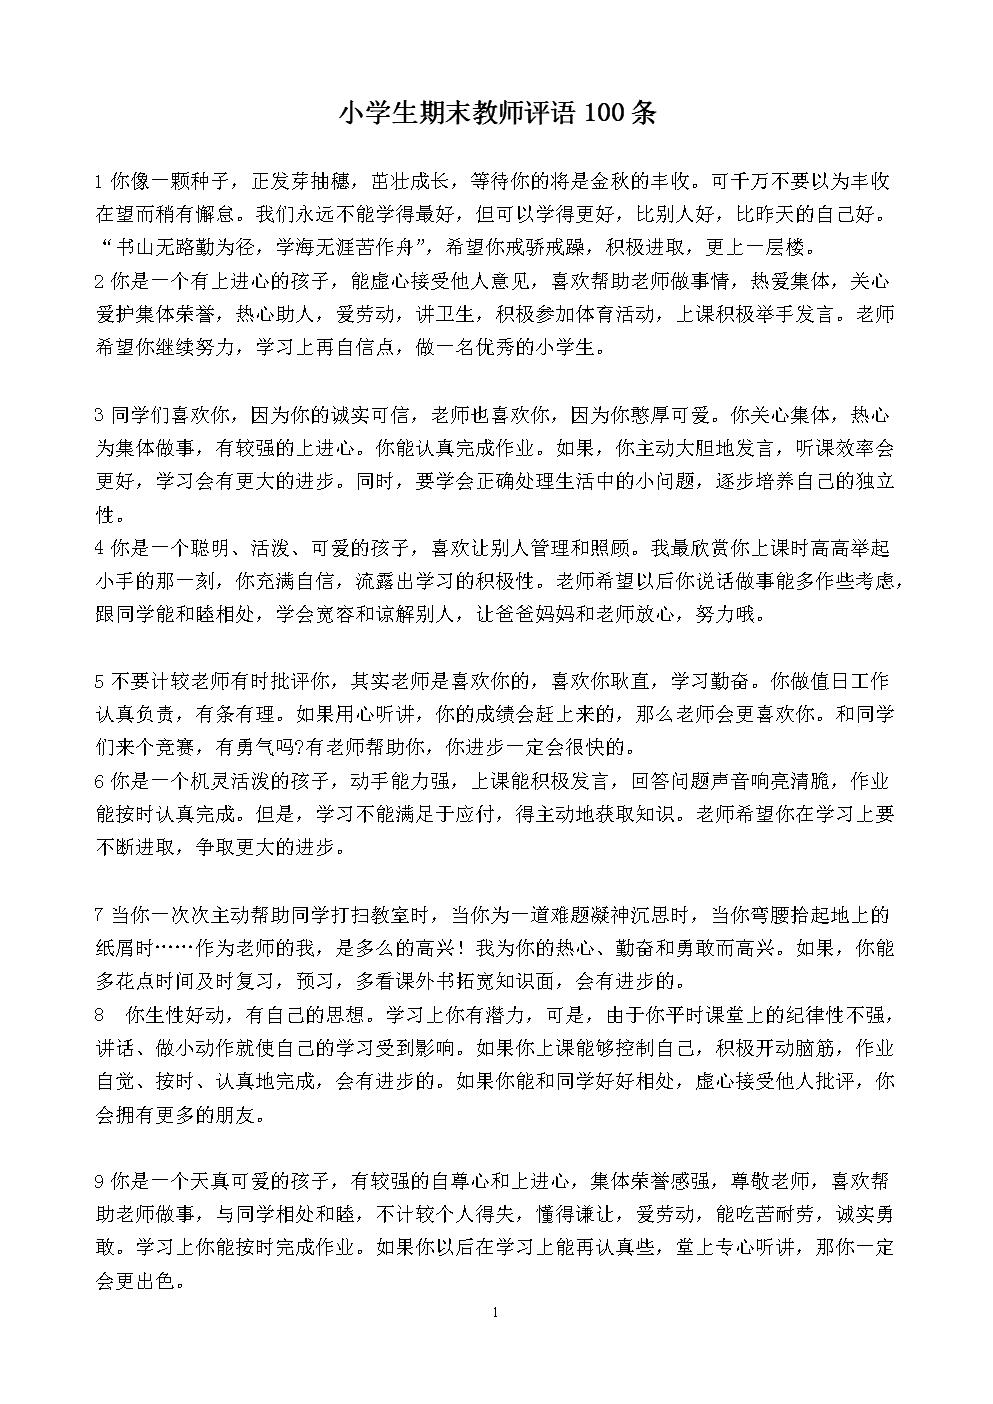 小学生期末教师评语100条.doc